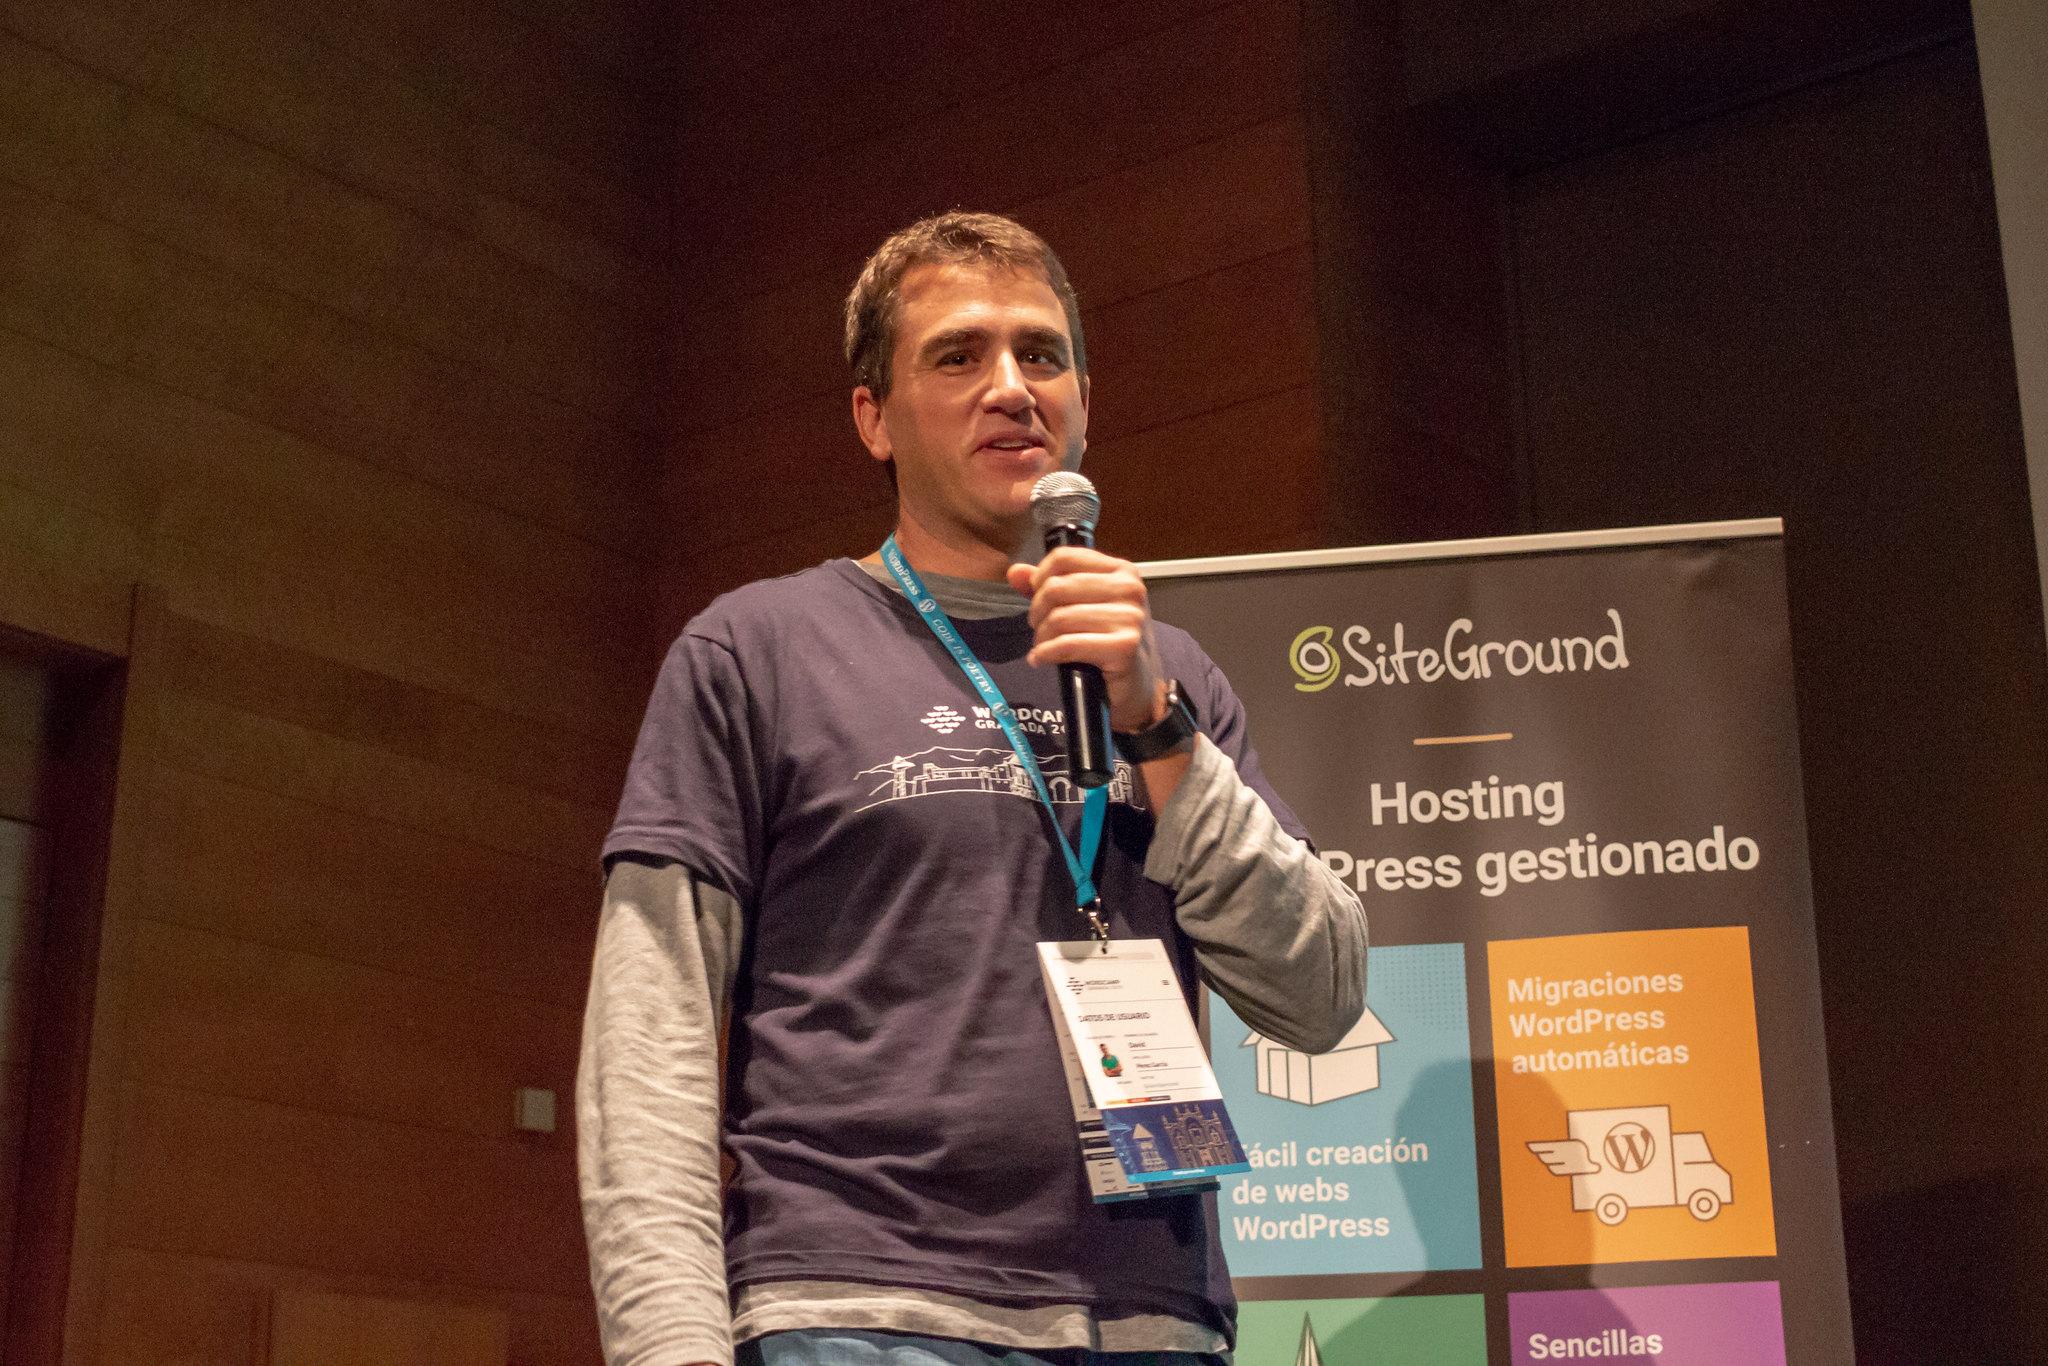 David en WordCamp Granada 2019